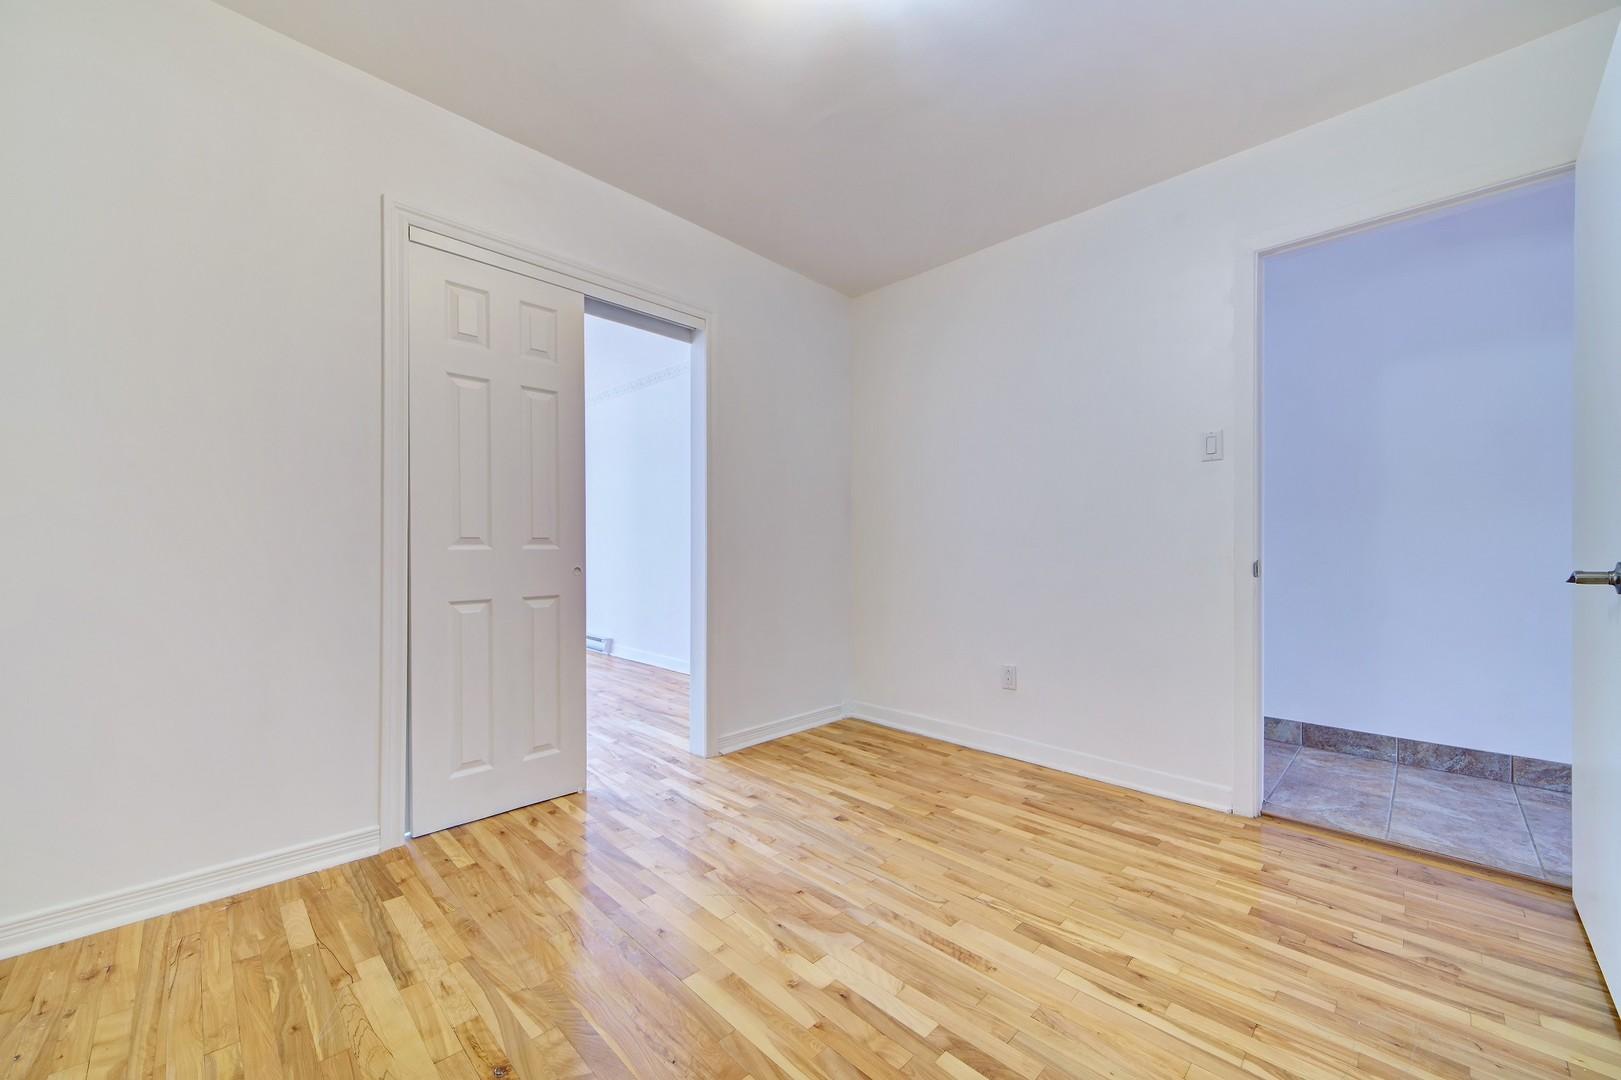 image 7 - Apartment - For rent - Montréal  (Mercier) - 4 rooms